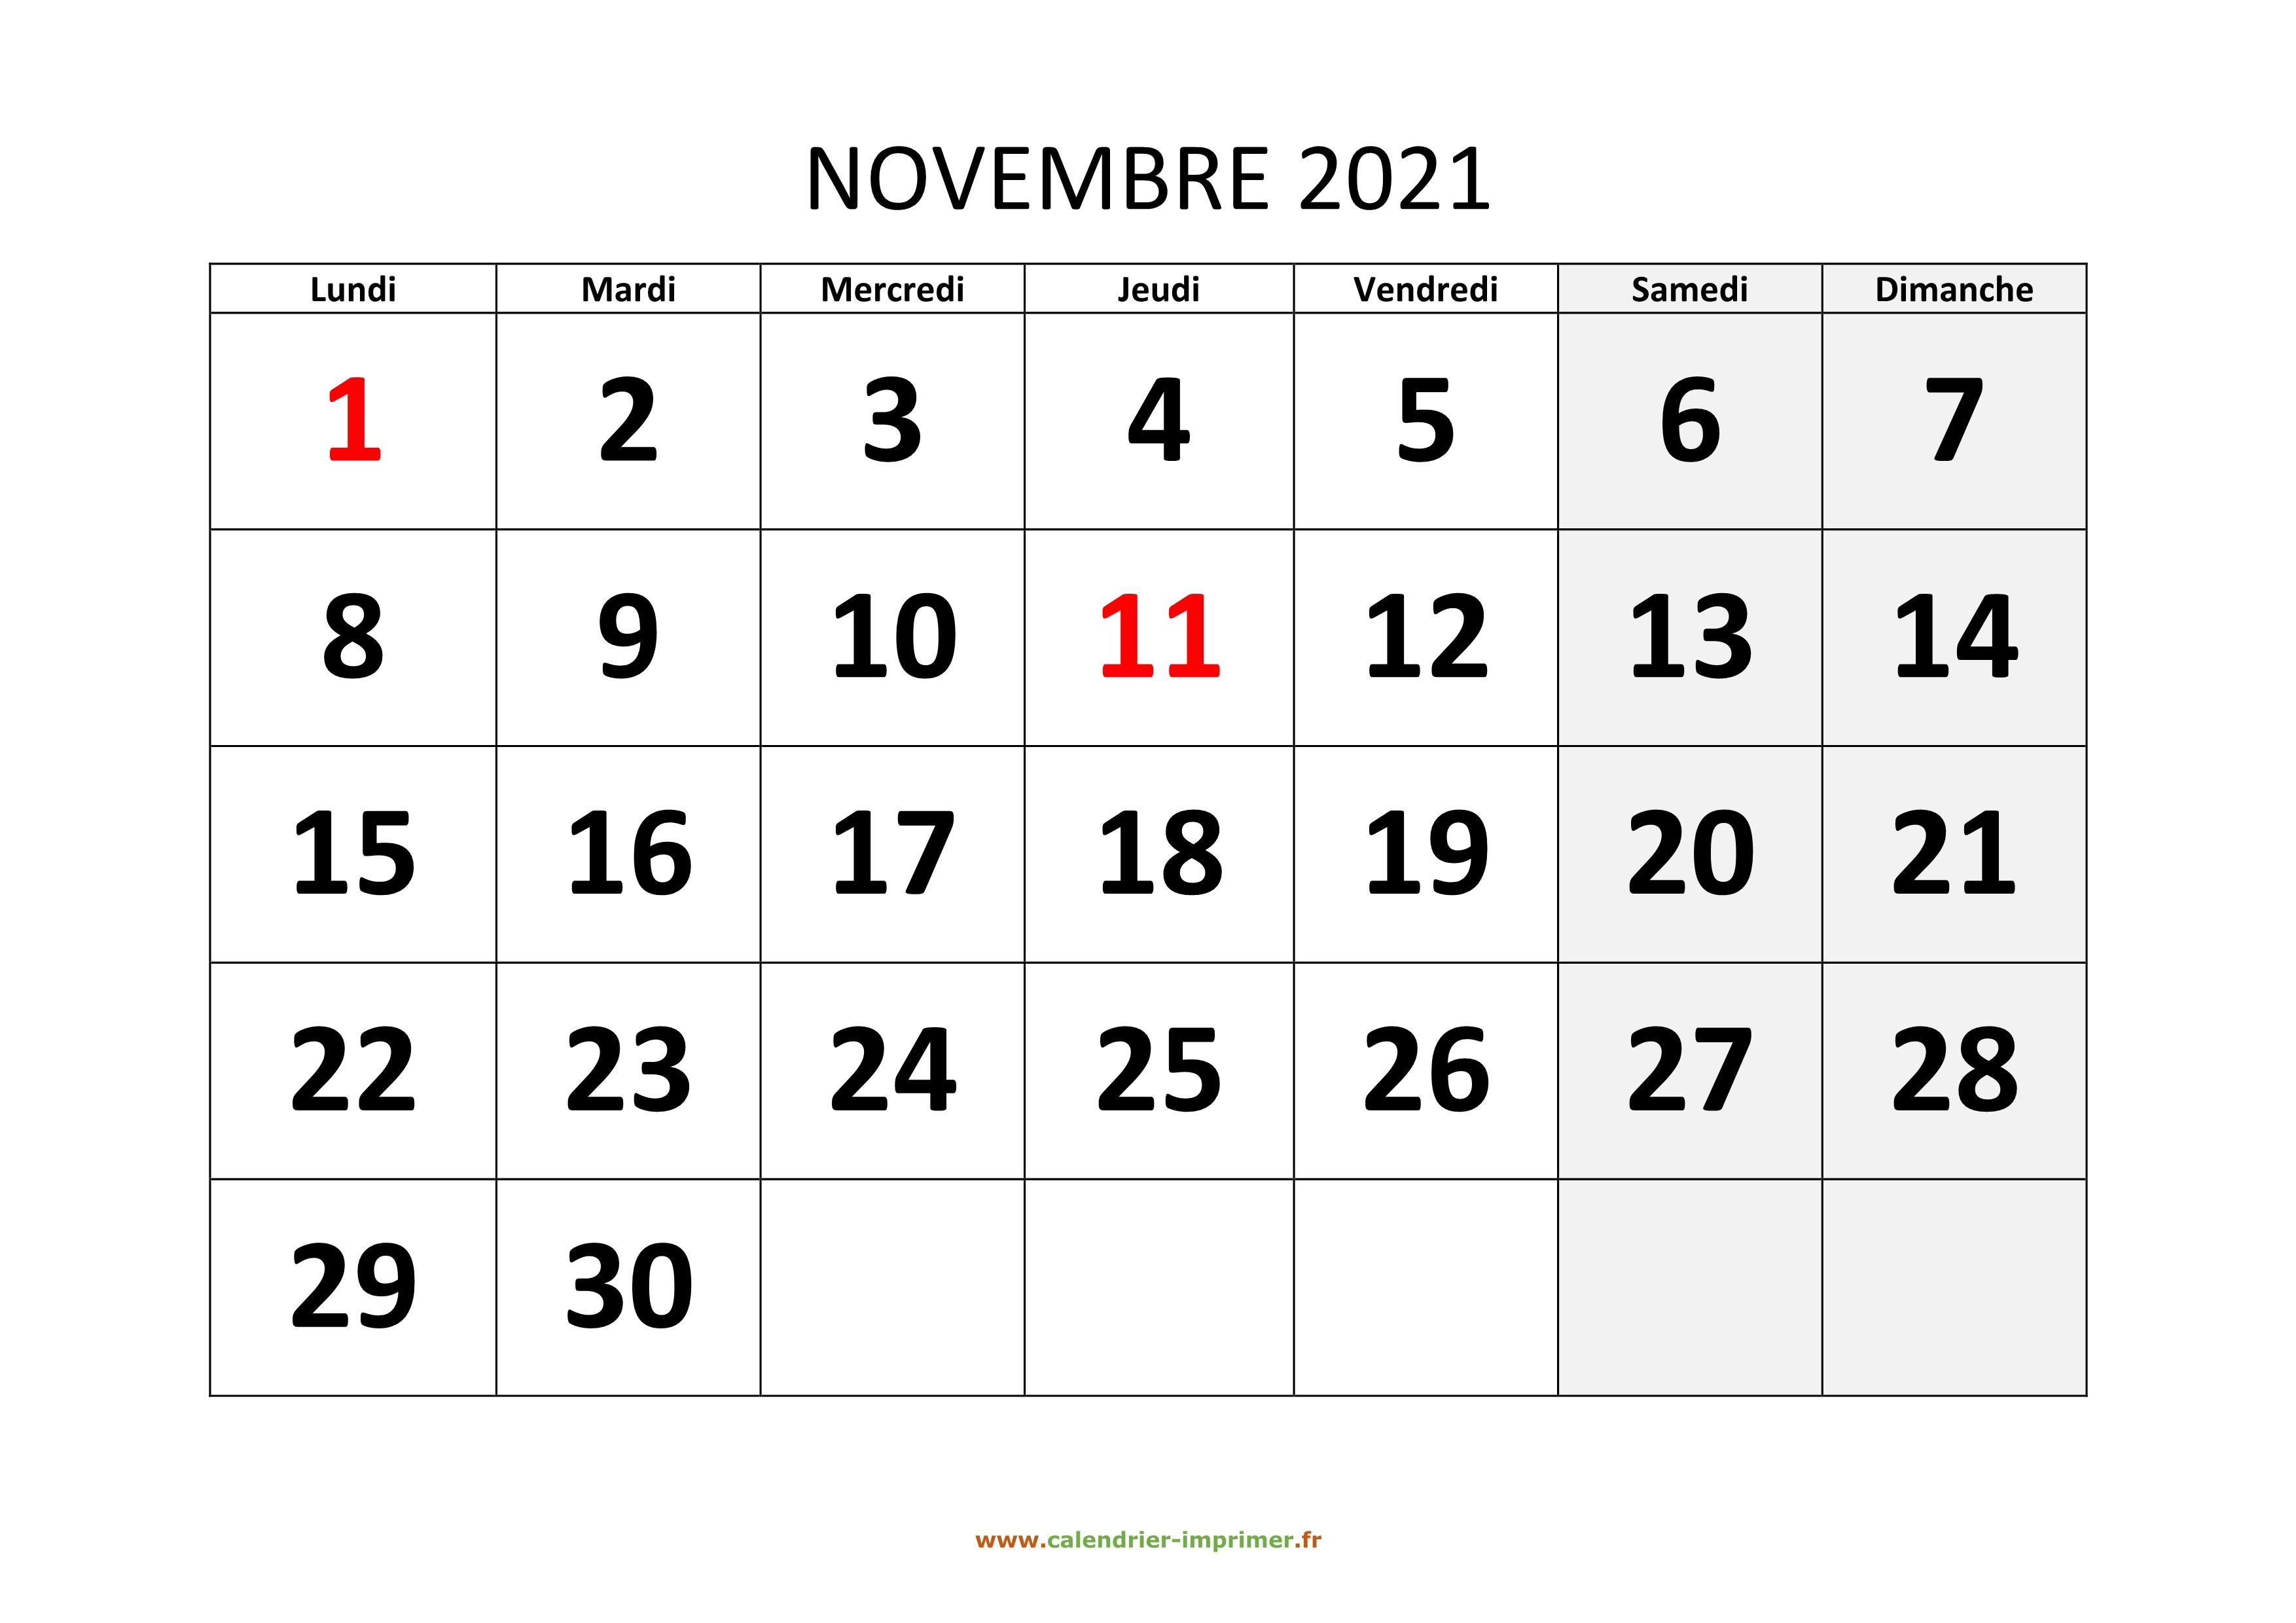 Calendrier Novembre 2021 à imprimer